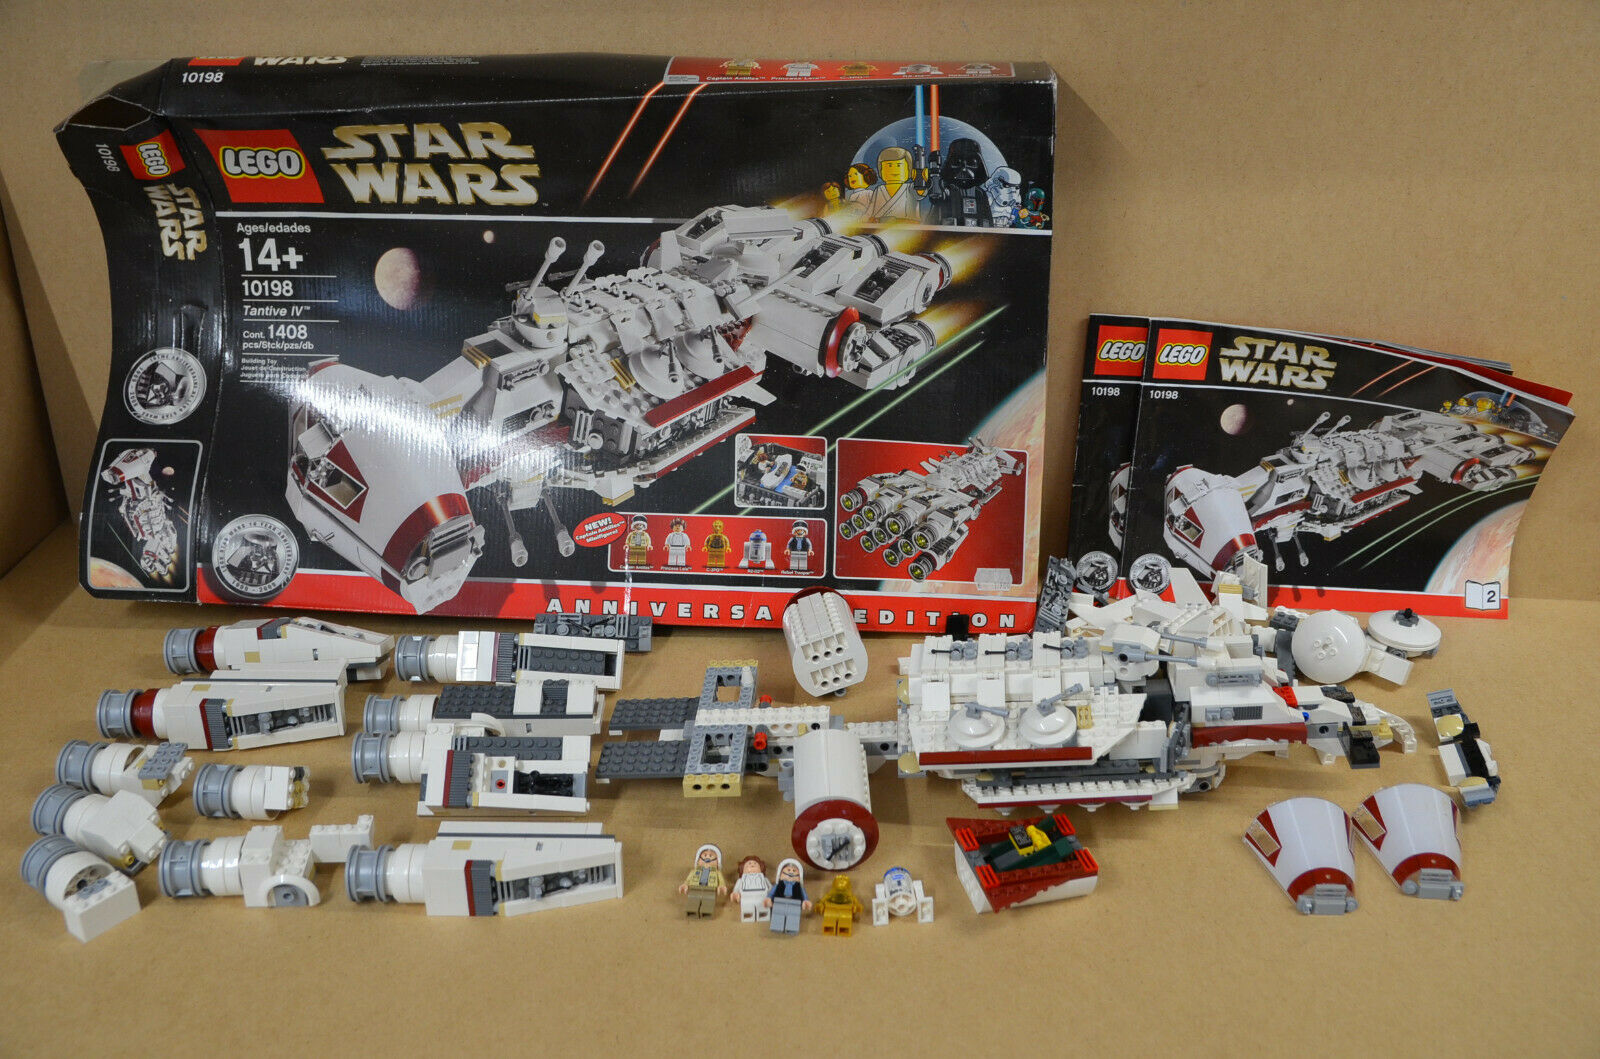 Lego Star Wars 10198-Tantive IV-con figuras ba y en su embalaje original